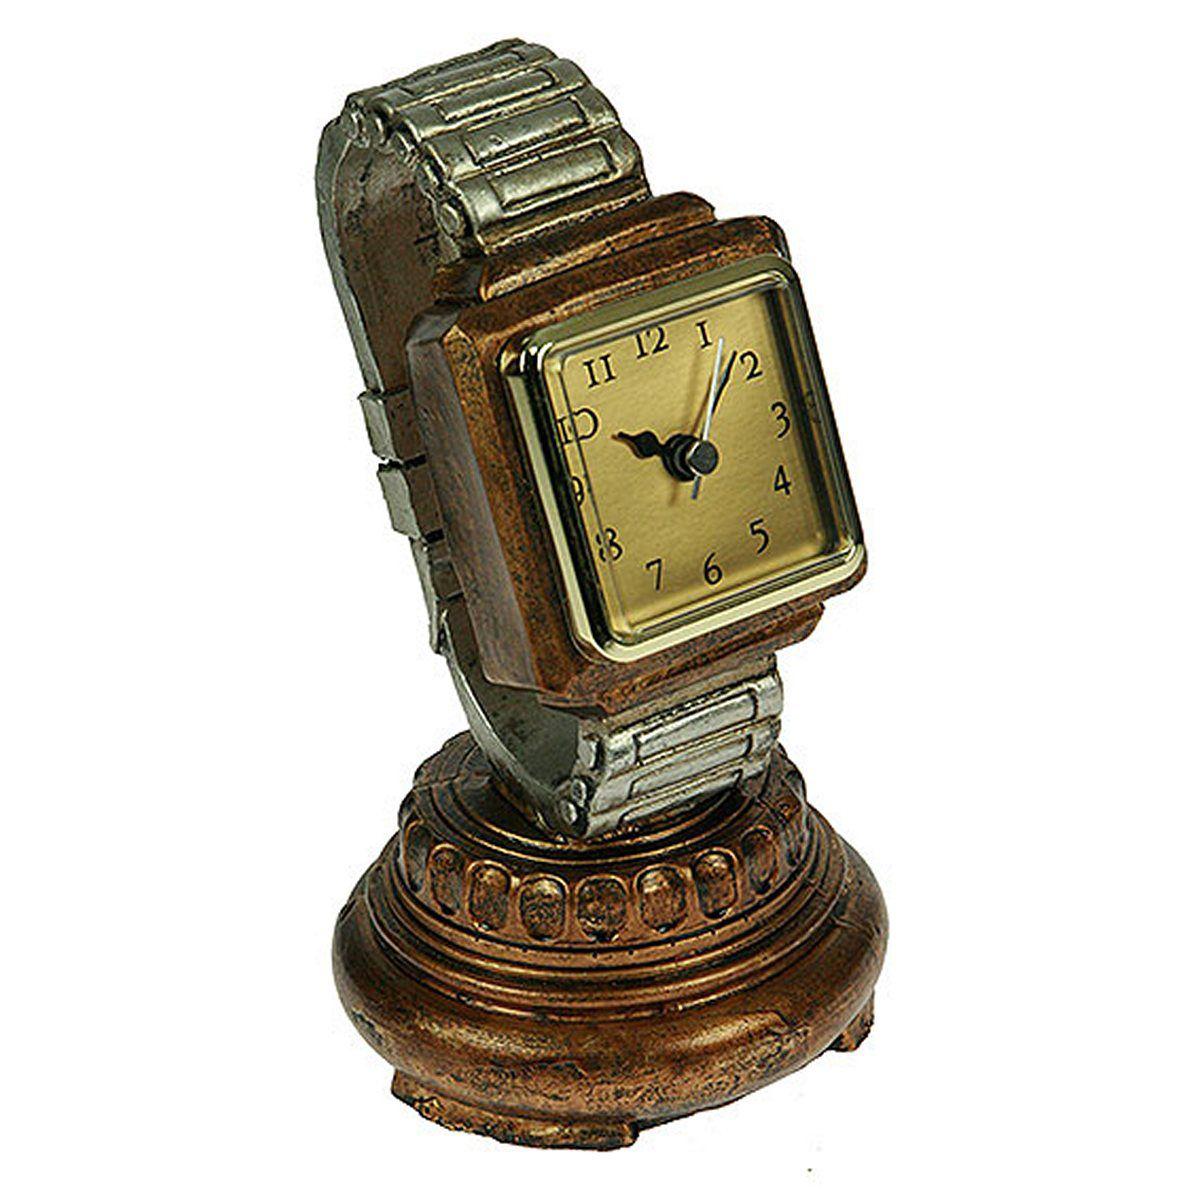 Часы настольные Русские Подарки, 20 х 10 см. 2851328513Настольные кварцевые часы Русские Подарки изготовлены из полистоуна,циферблат защищен стеклом. Часы имеют три стрелки - часовую, минутную и секундную.Такие часы красиво и необычно оформят интерьер дома или рабочий стол в офисе. Также часы могут стать уникальным, полезным подарком для родственников, коллег, знакомых и близких.Часы работают от батареек типа АА (в комплект не входят).